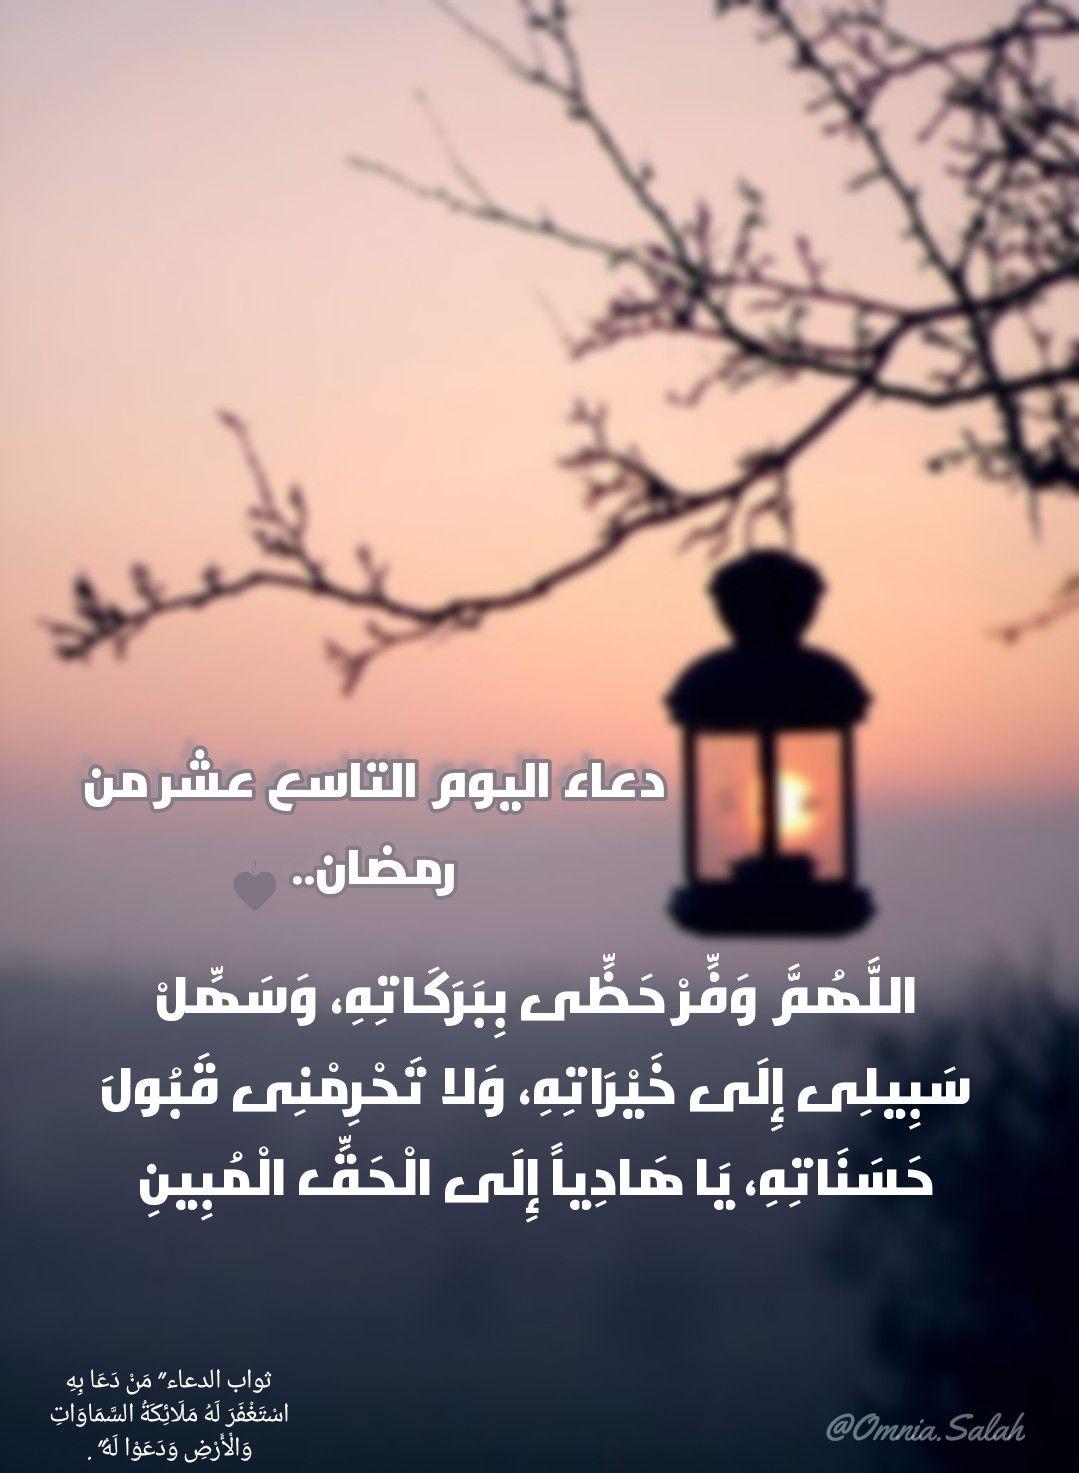 دعاء اليوم التاسع عشر من رمضان Ramadan Lamp Post